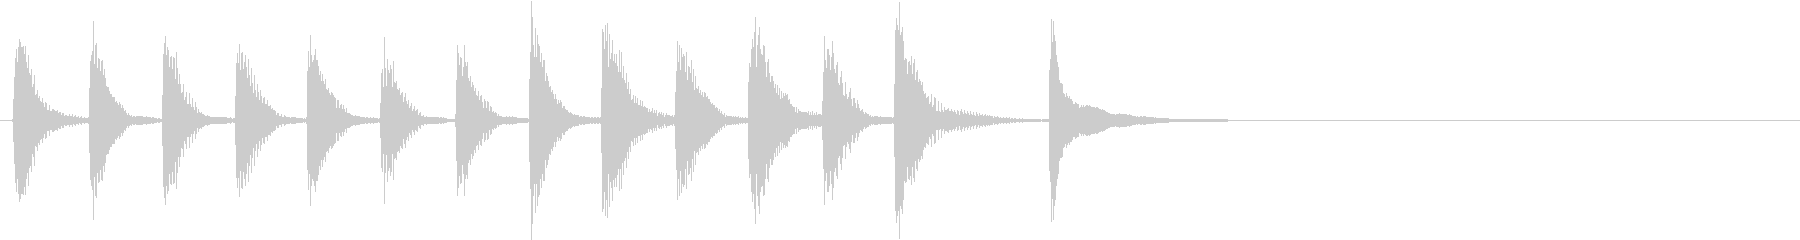 シンプルなピアノの刻みによるサウンドロゴの未再生の波形